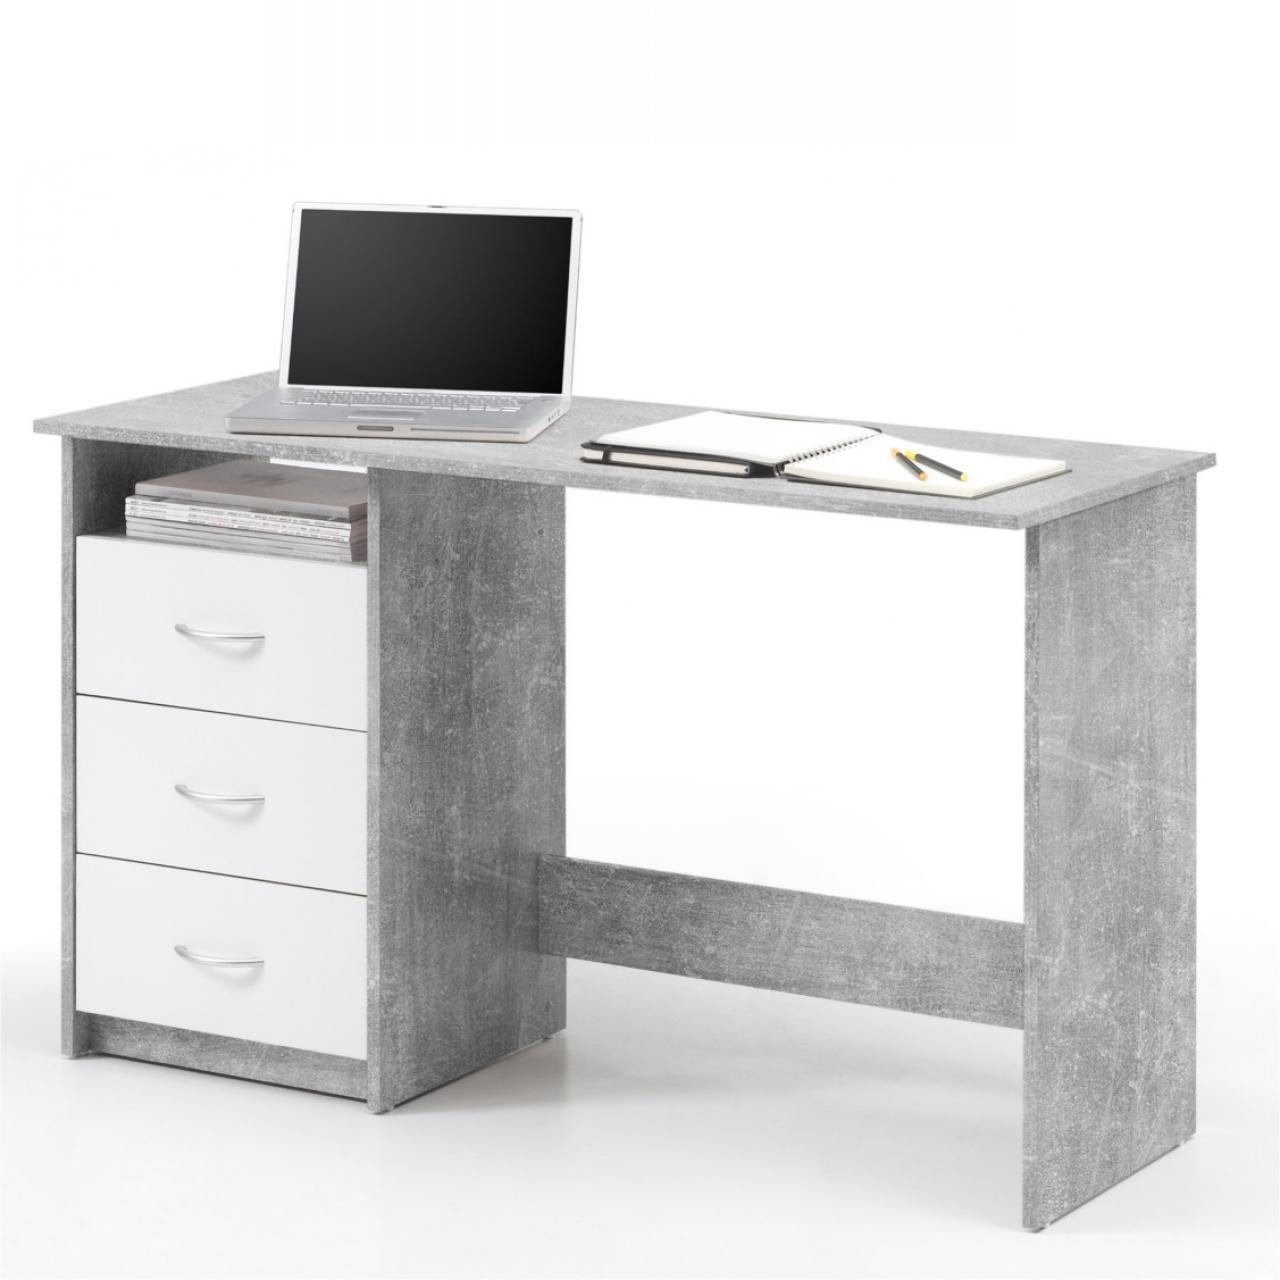 schreibtisch adria beton wei 3 schubk sten m bel j hnichen center gmbh. Black Bedroom Furniture Sets. Home Design Ideas